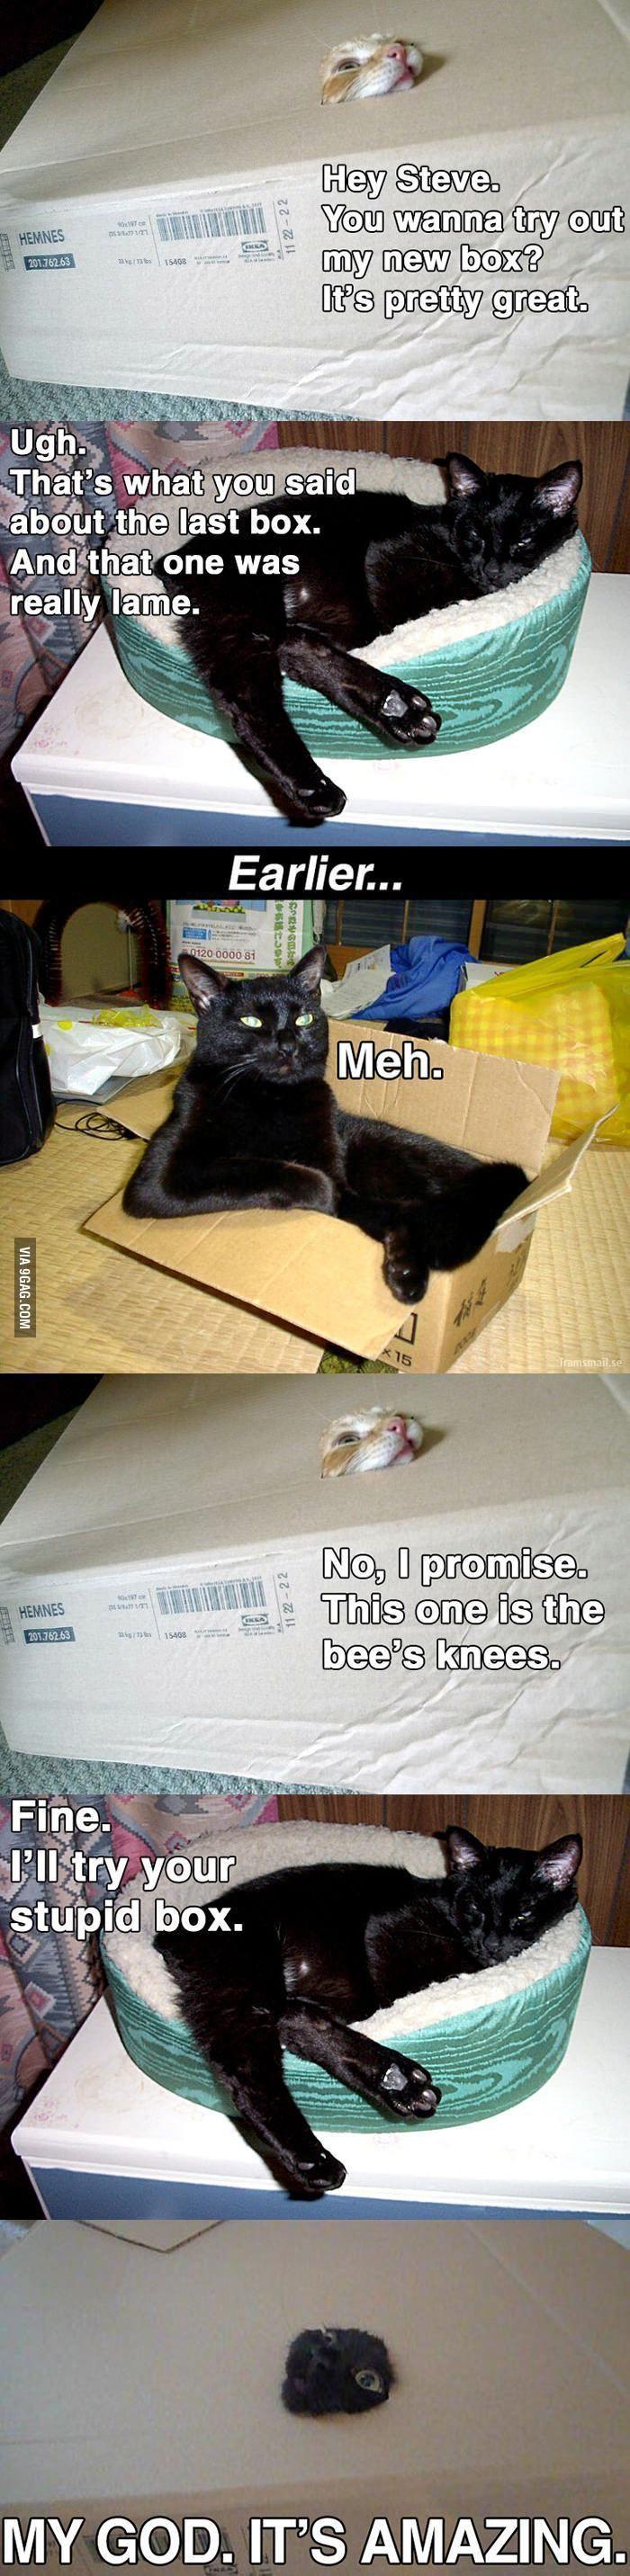 Dies ist mein Lieblings-Katzenfoto aller Zeiten! – Lesen Sie mehr lustig: wdb.es/ – Little Cat's – Katzen